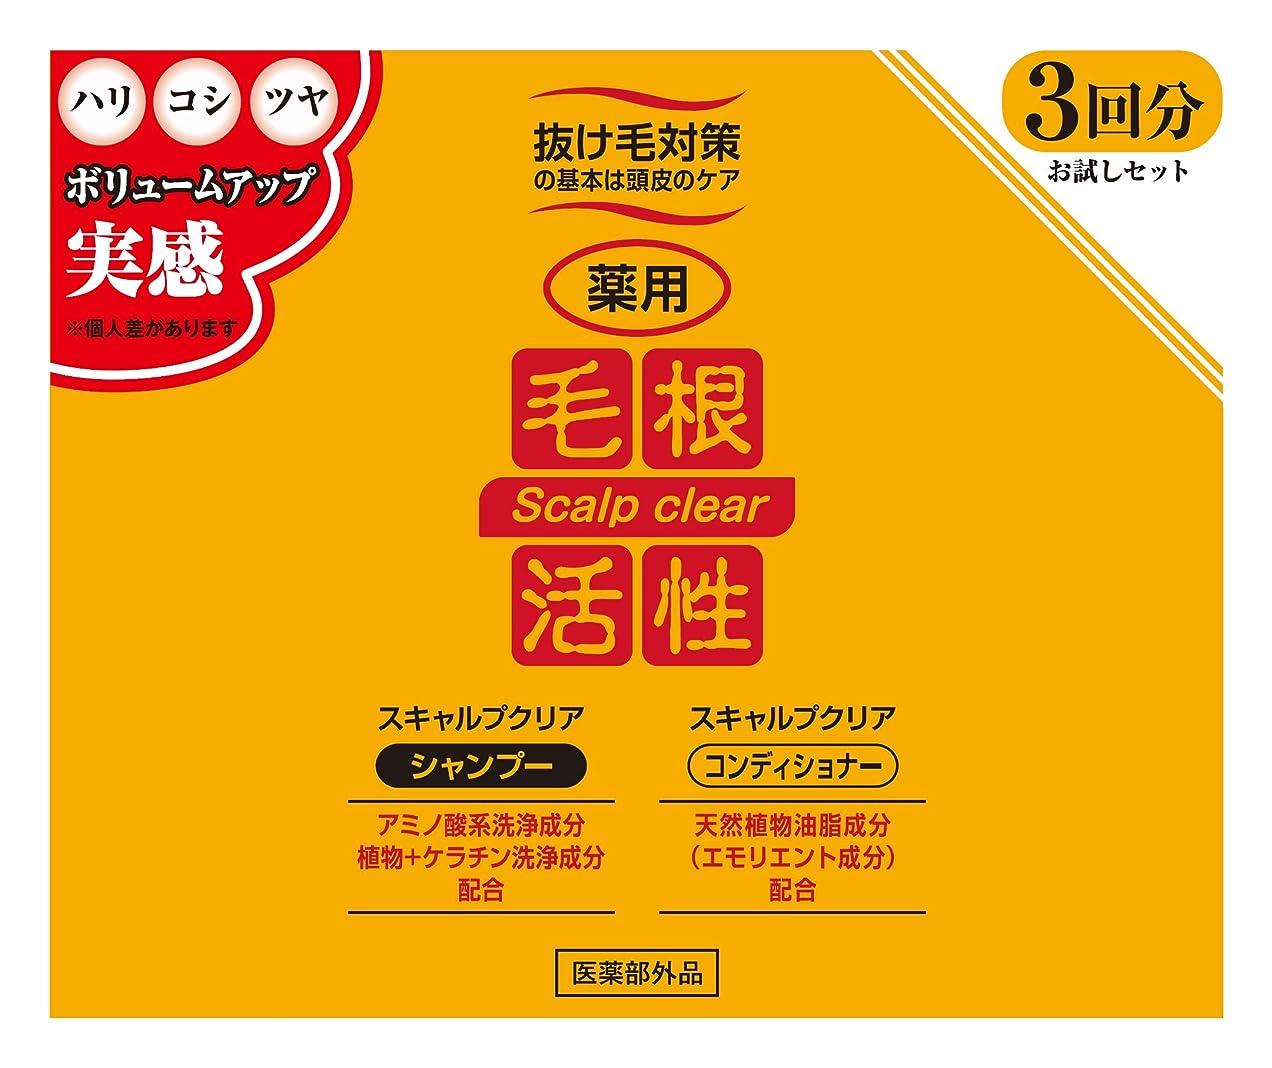 ドーム三角テラス薬用 毛根活性 シャンプー&コンディショナー 3日間お試しセット (シャンプー10ml×3個 + コンディショナー10ml×3個)